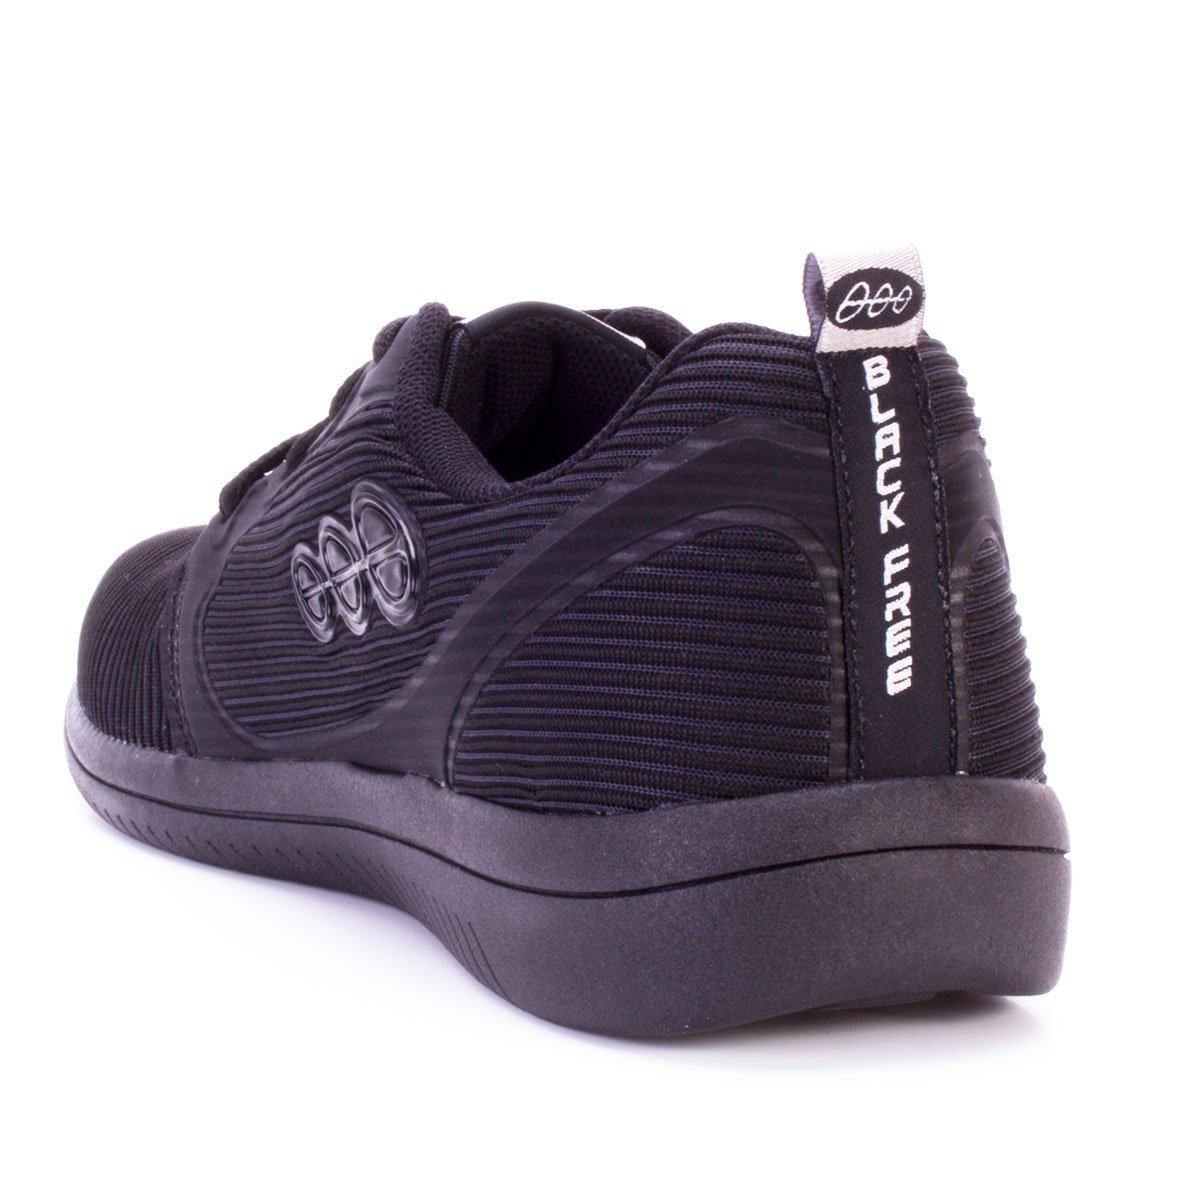 Tênis Preto Tênis Free Tênis Preto Black Black Black Free 13700 13700 pWnndOC